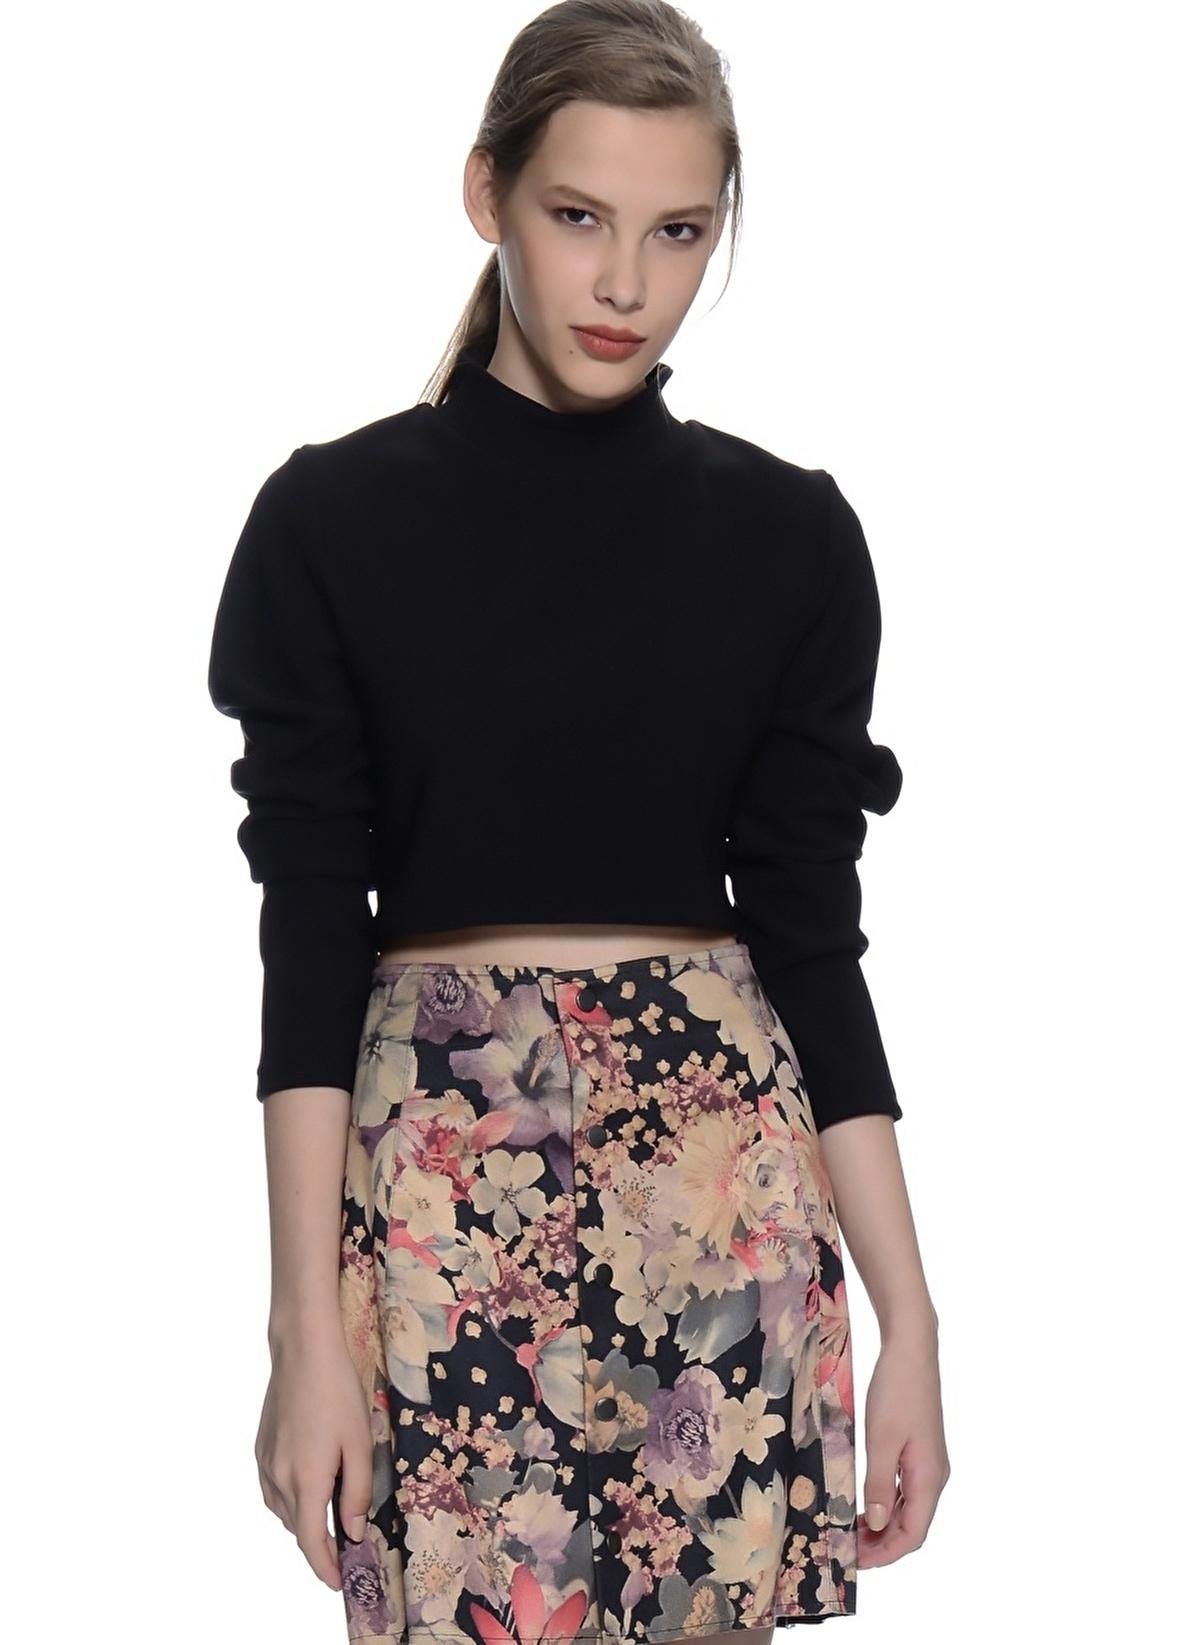 Fashion Tişört 520158455 T-shirt – 61.99 TL